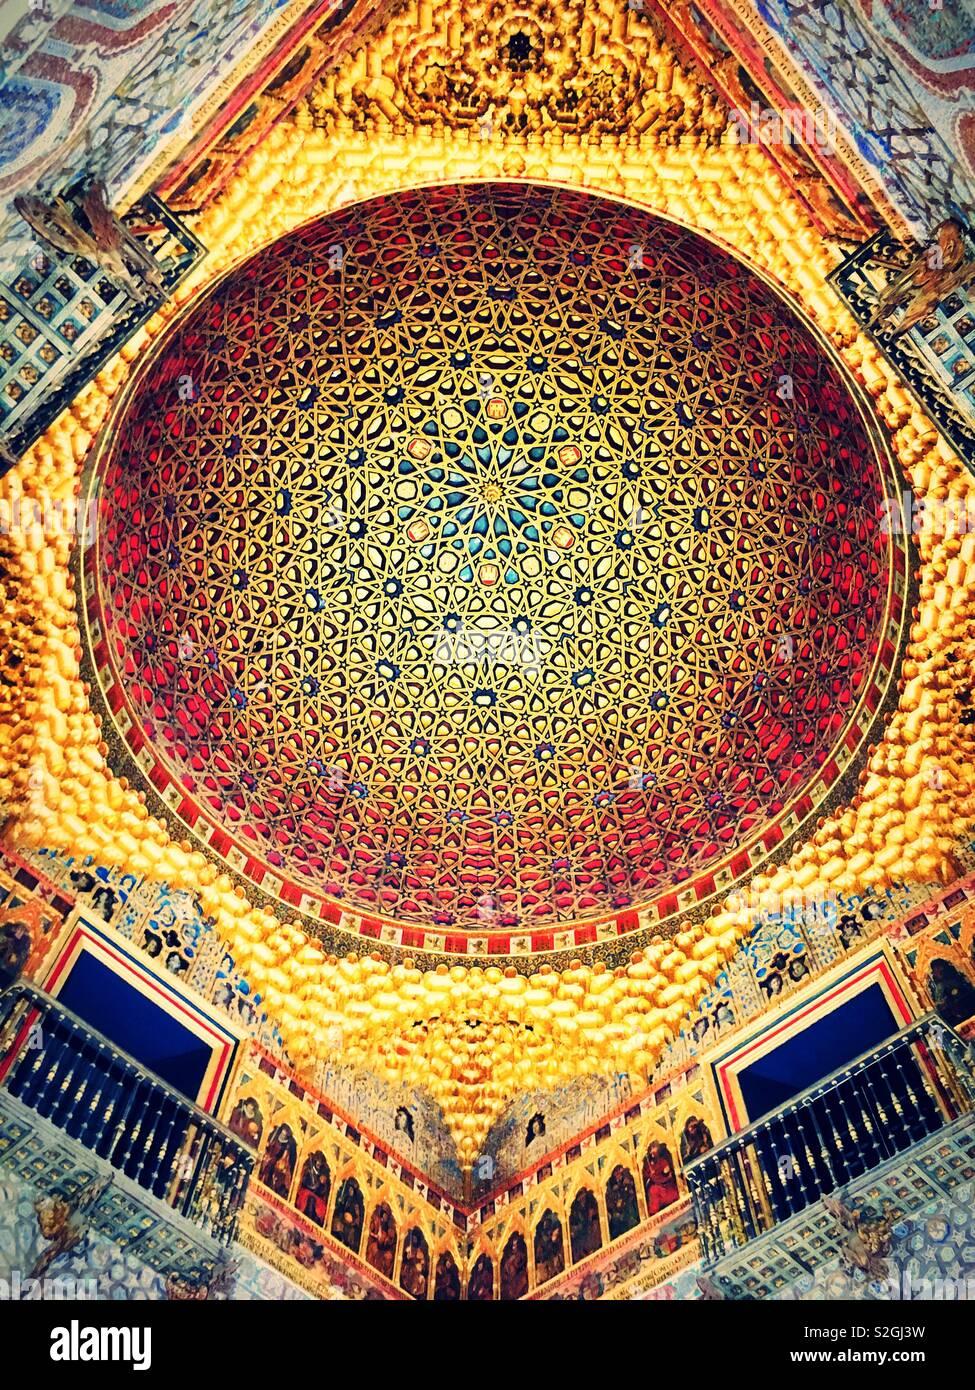 El Real Alcázar de Sevilla - techo Imagen De Stock